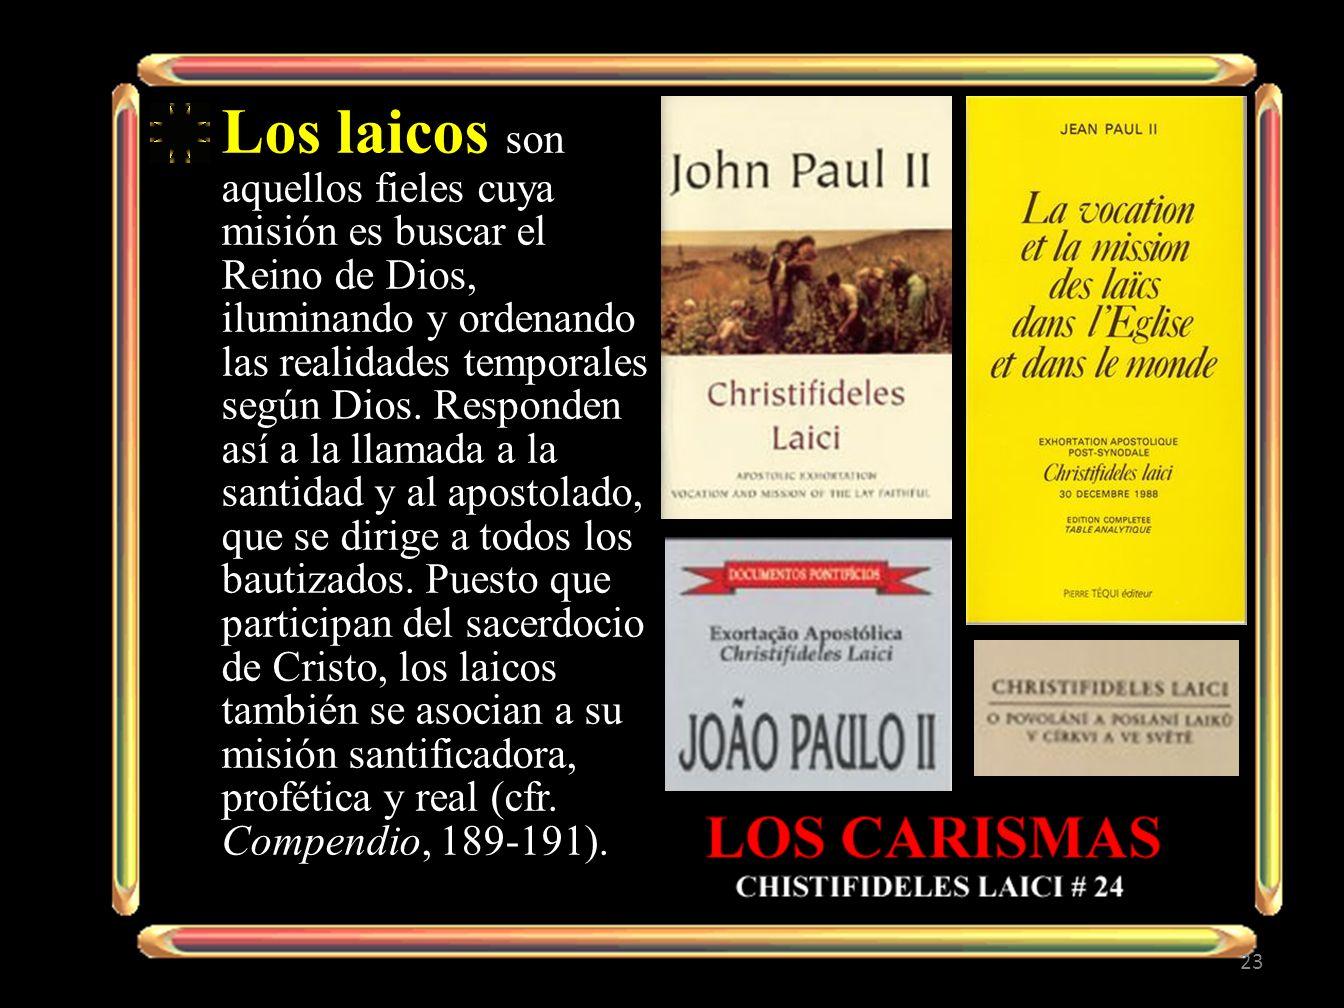 Los laicos son aquellos fieles cuya misión es buscar el Reino de Dios, iluminando y ordenando las realidades temporales según Dios.